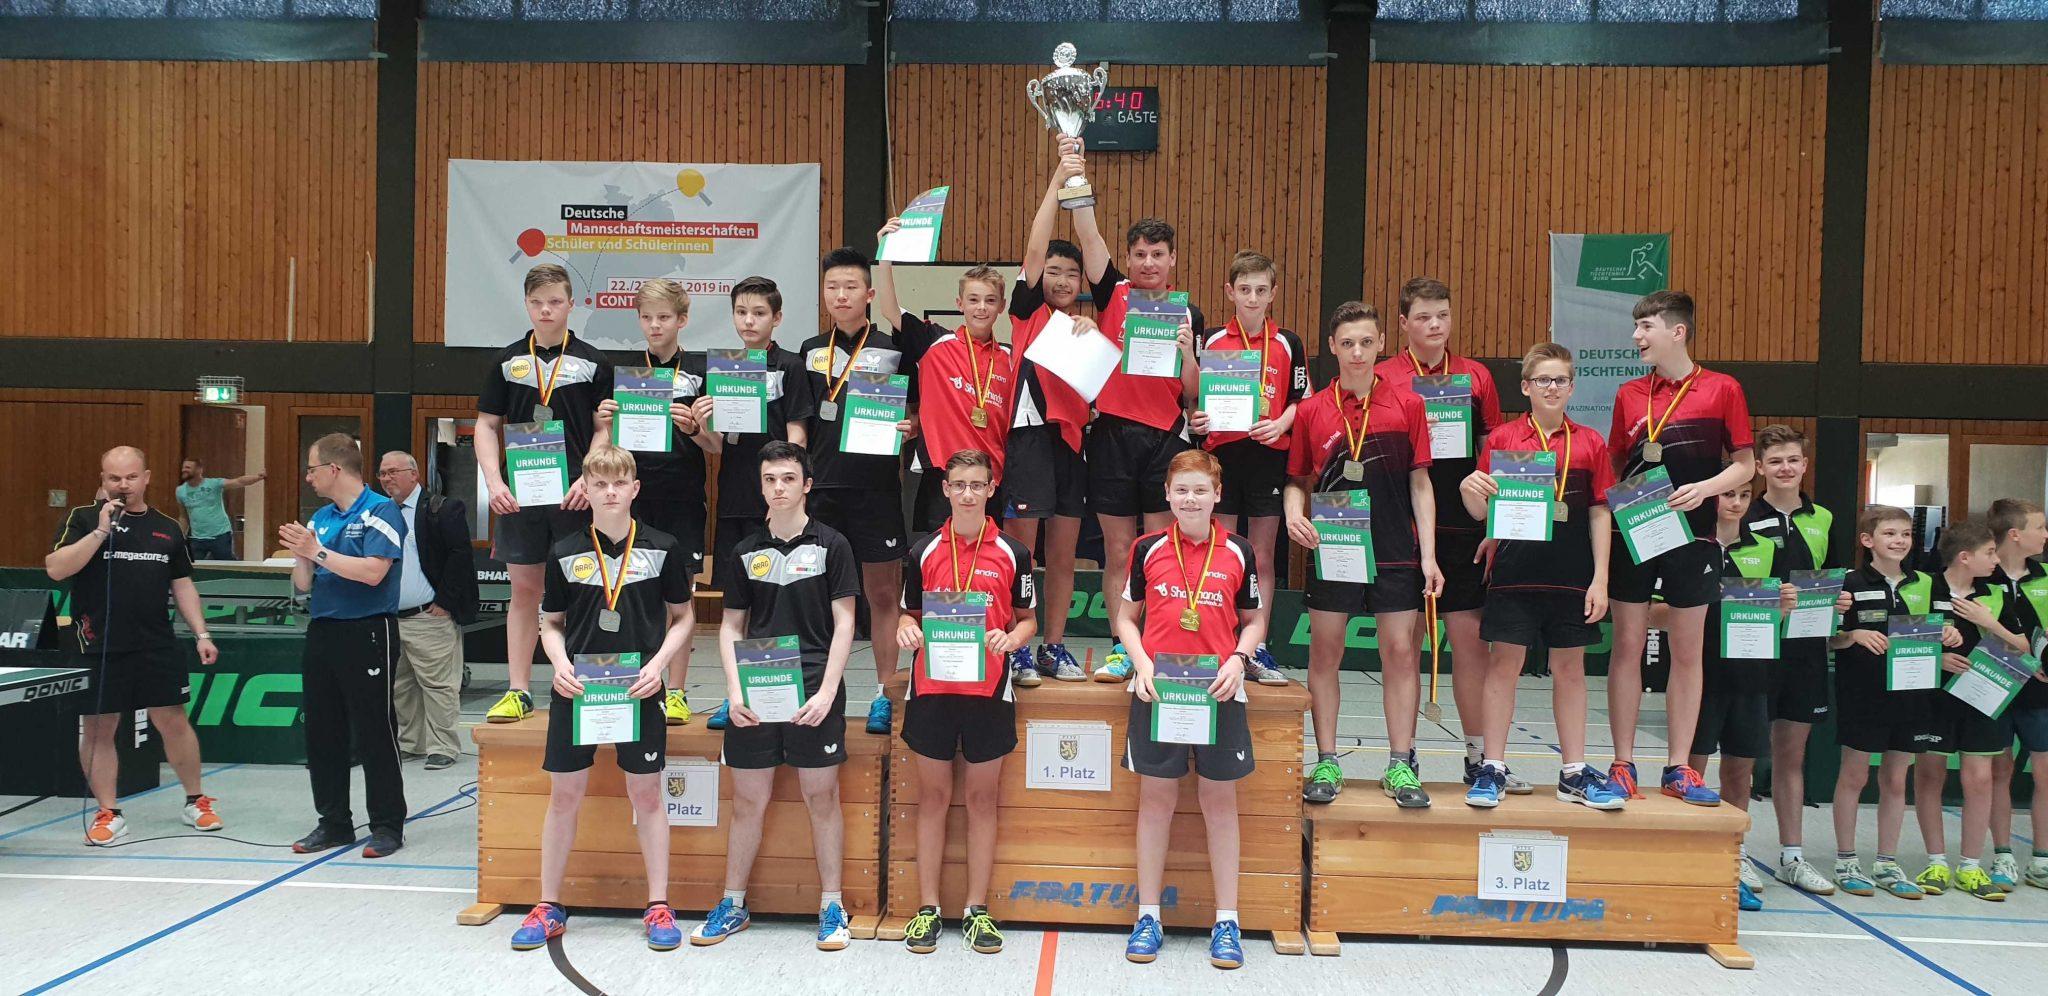 【祝!】クニックスホーフェンジュニアチームが全ドイツチャンピオンに輝く!